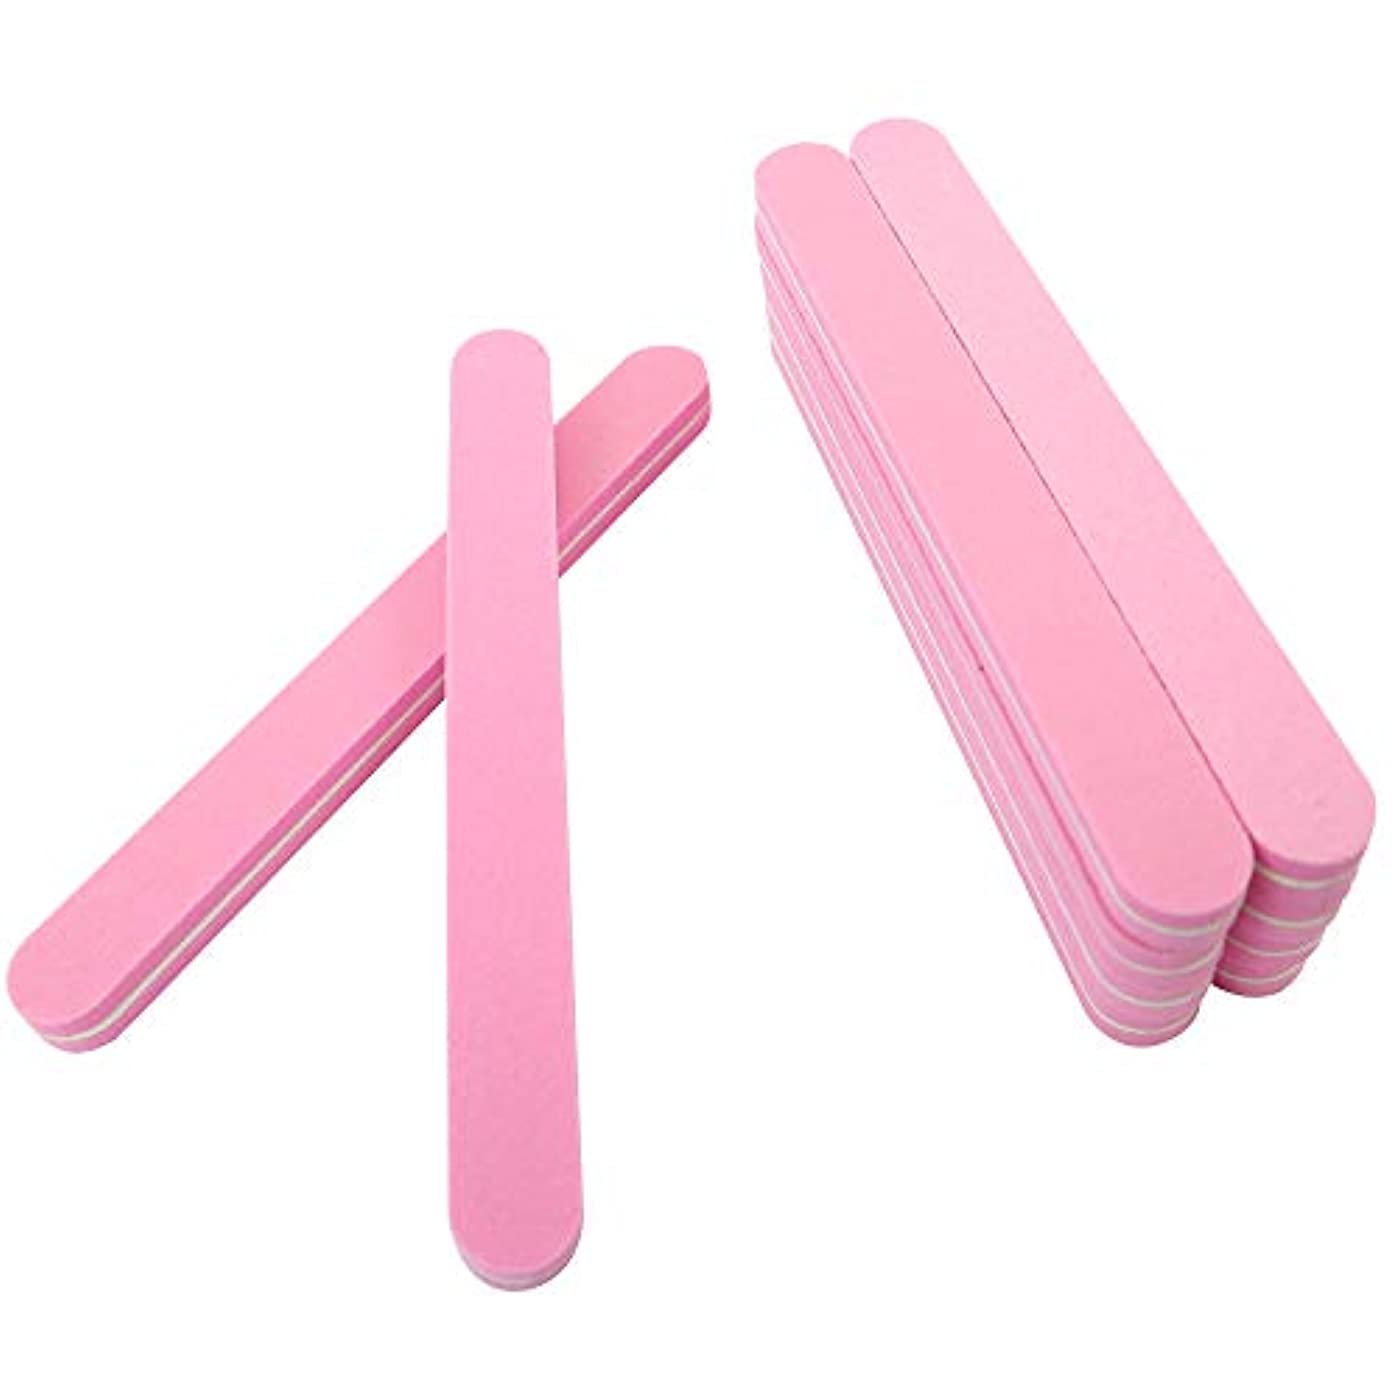 悪魔適度に平衡SIEG つめピカ 爪やすり 爪先美人をめざす2ステップ磨きのネイルシャイナー 10本セット